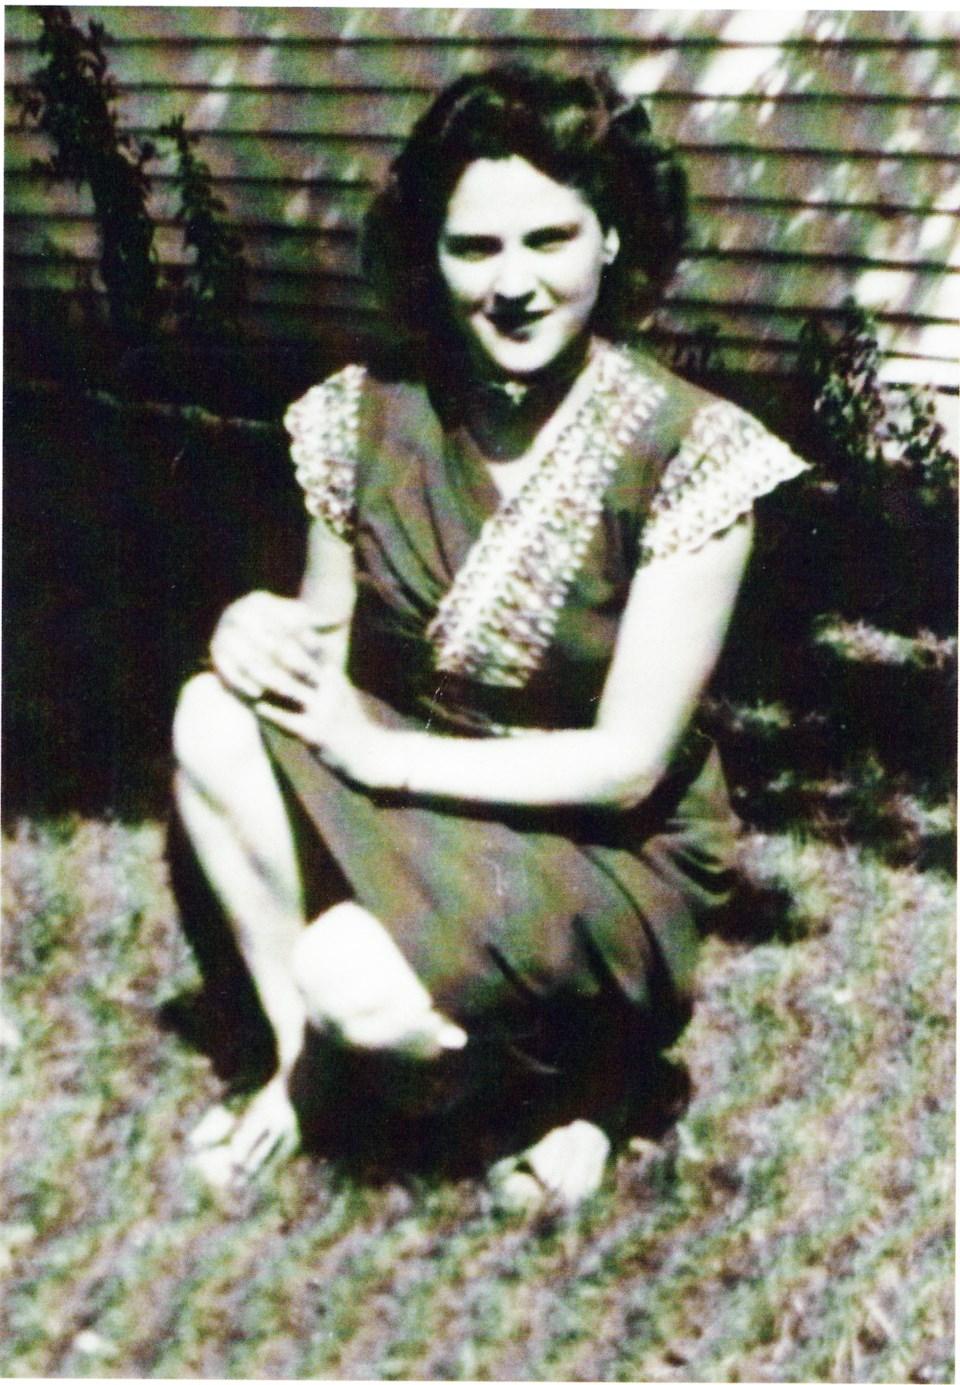 CecileBelgarde